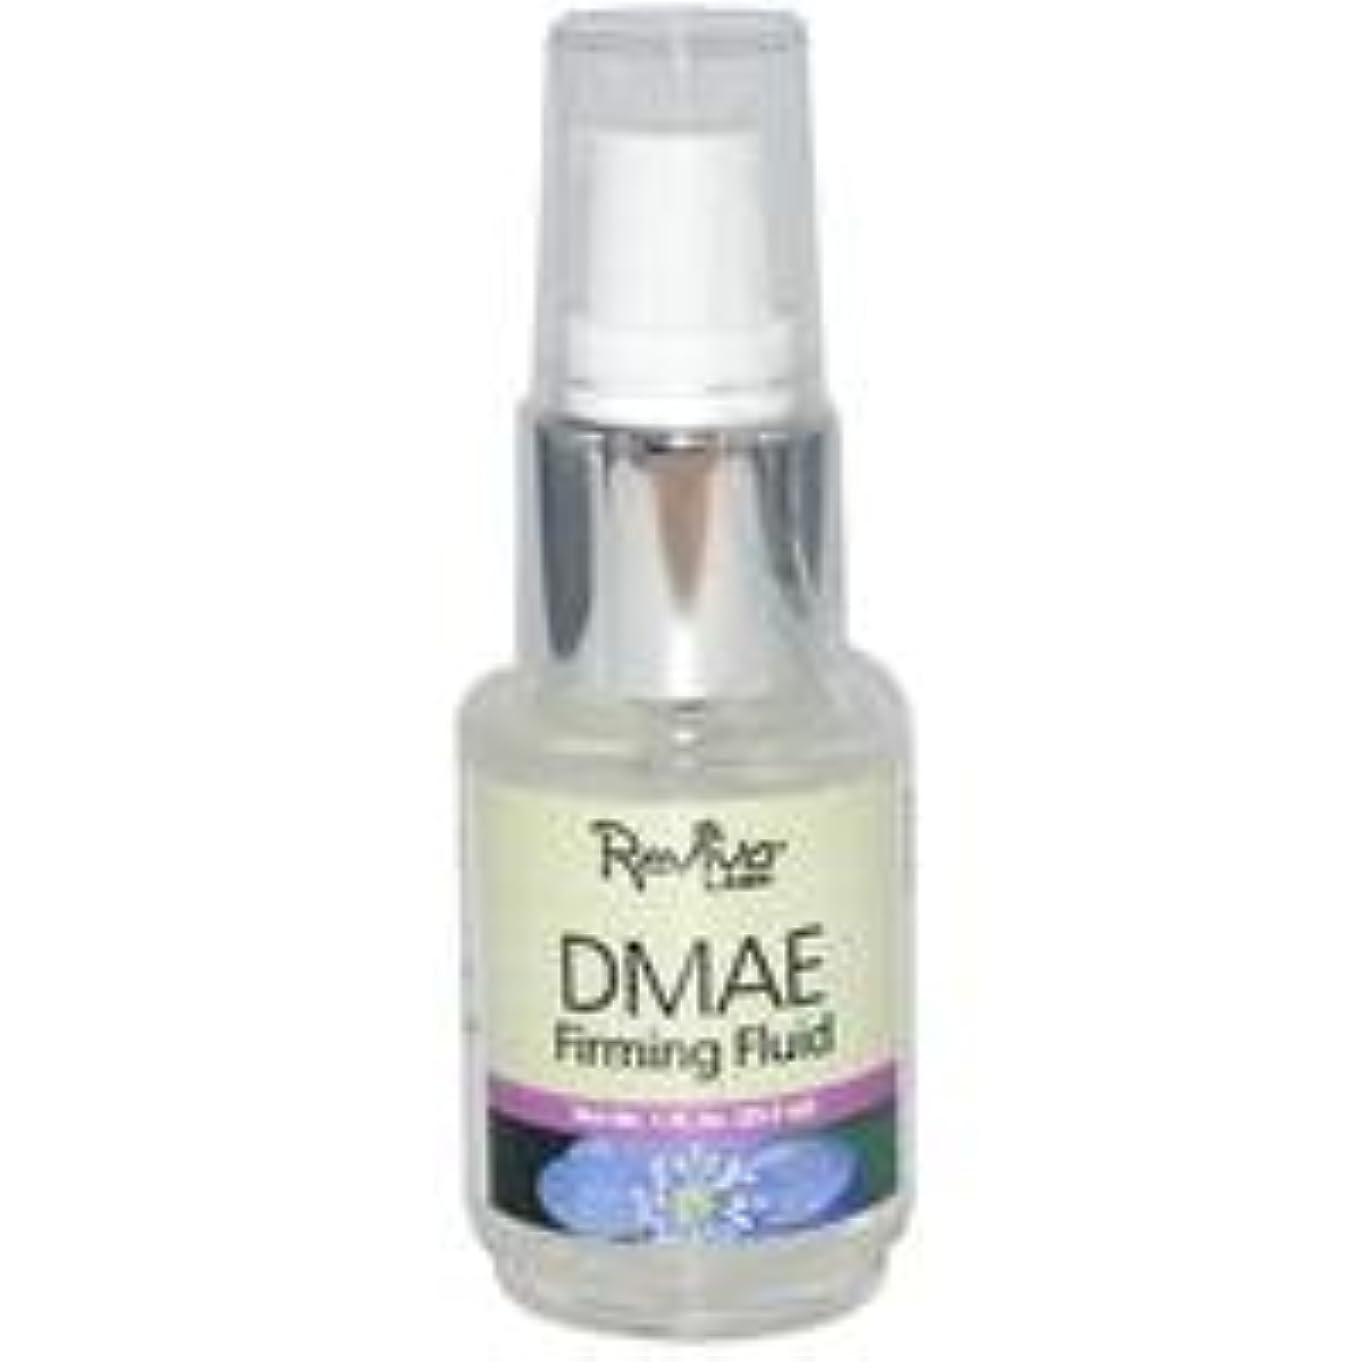 シャックル検出可能濃度[海外直送品] レビバ(Reviva) DMAE ファーミングフルイド(DMAE配合ジェル状美容液) 30ml